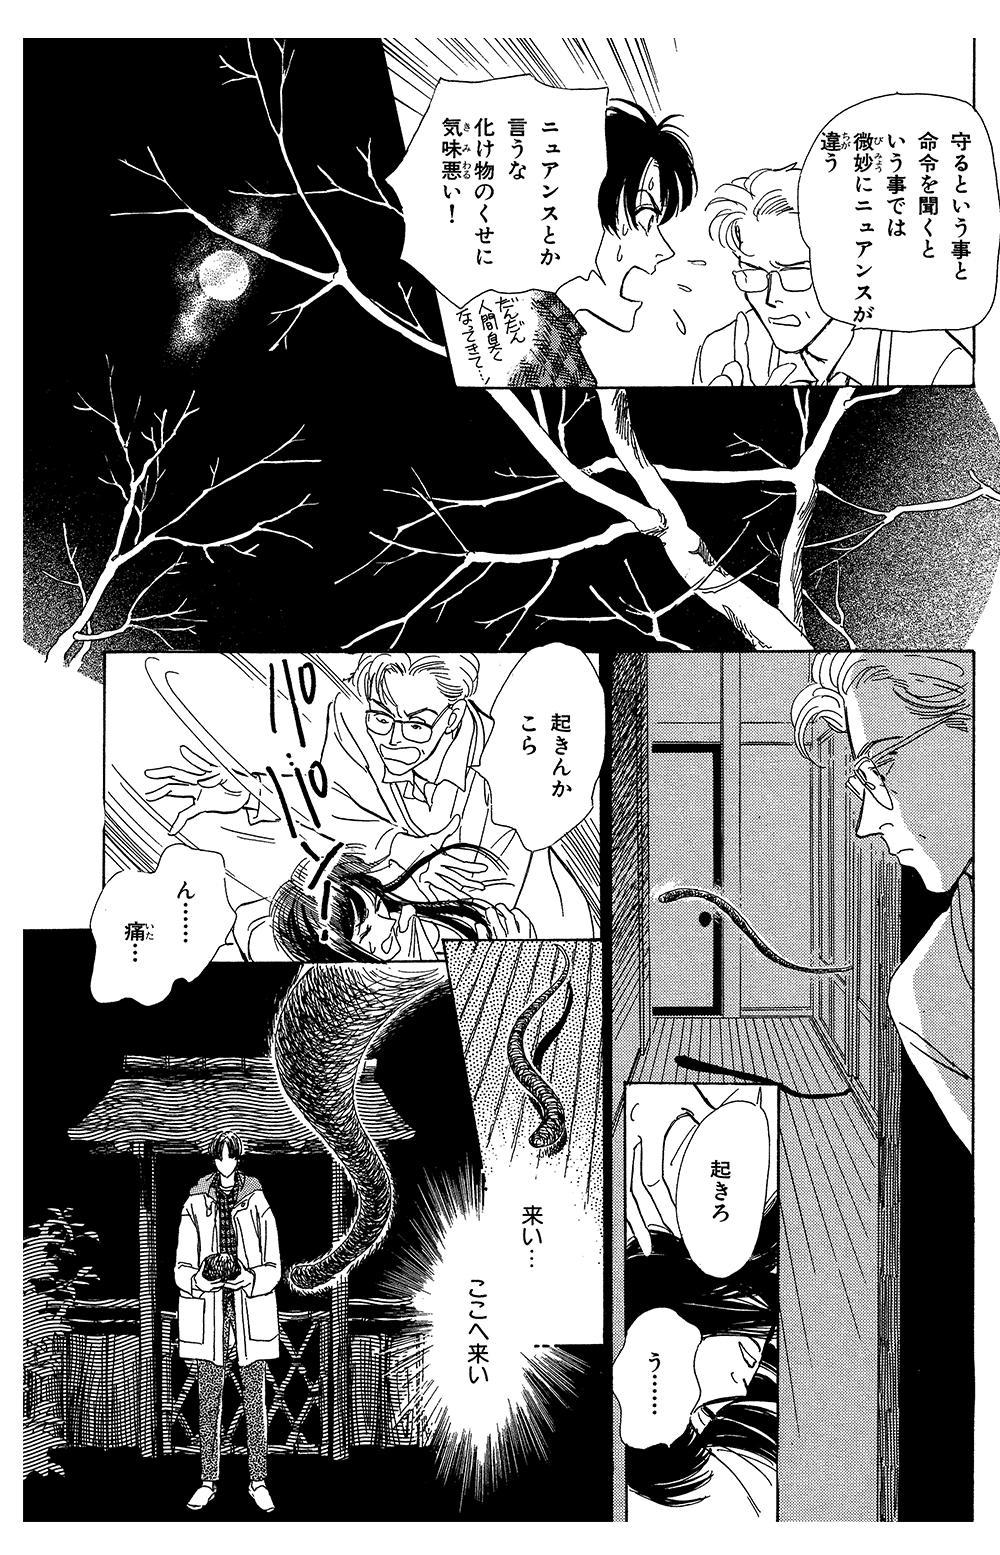 百鬼夜行抄 第1話「闇からの呼び声」⑤hyakki1-5-6.jpg